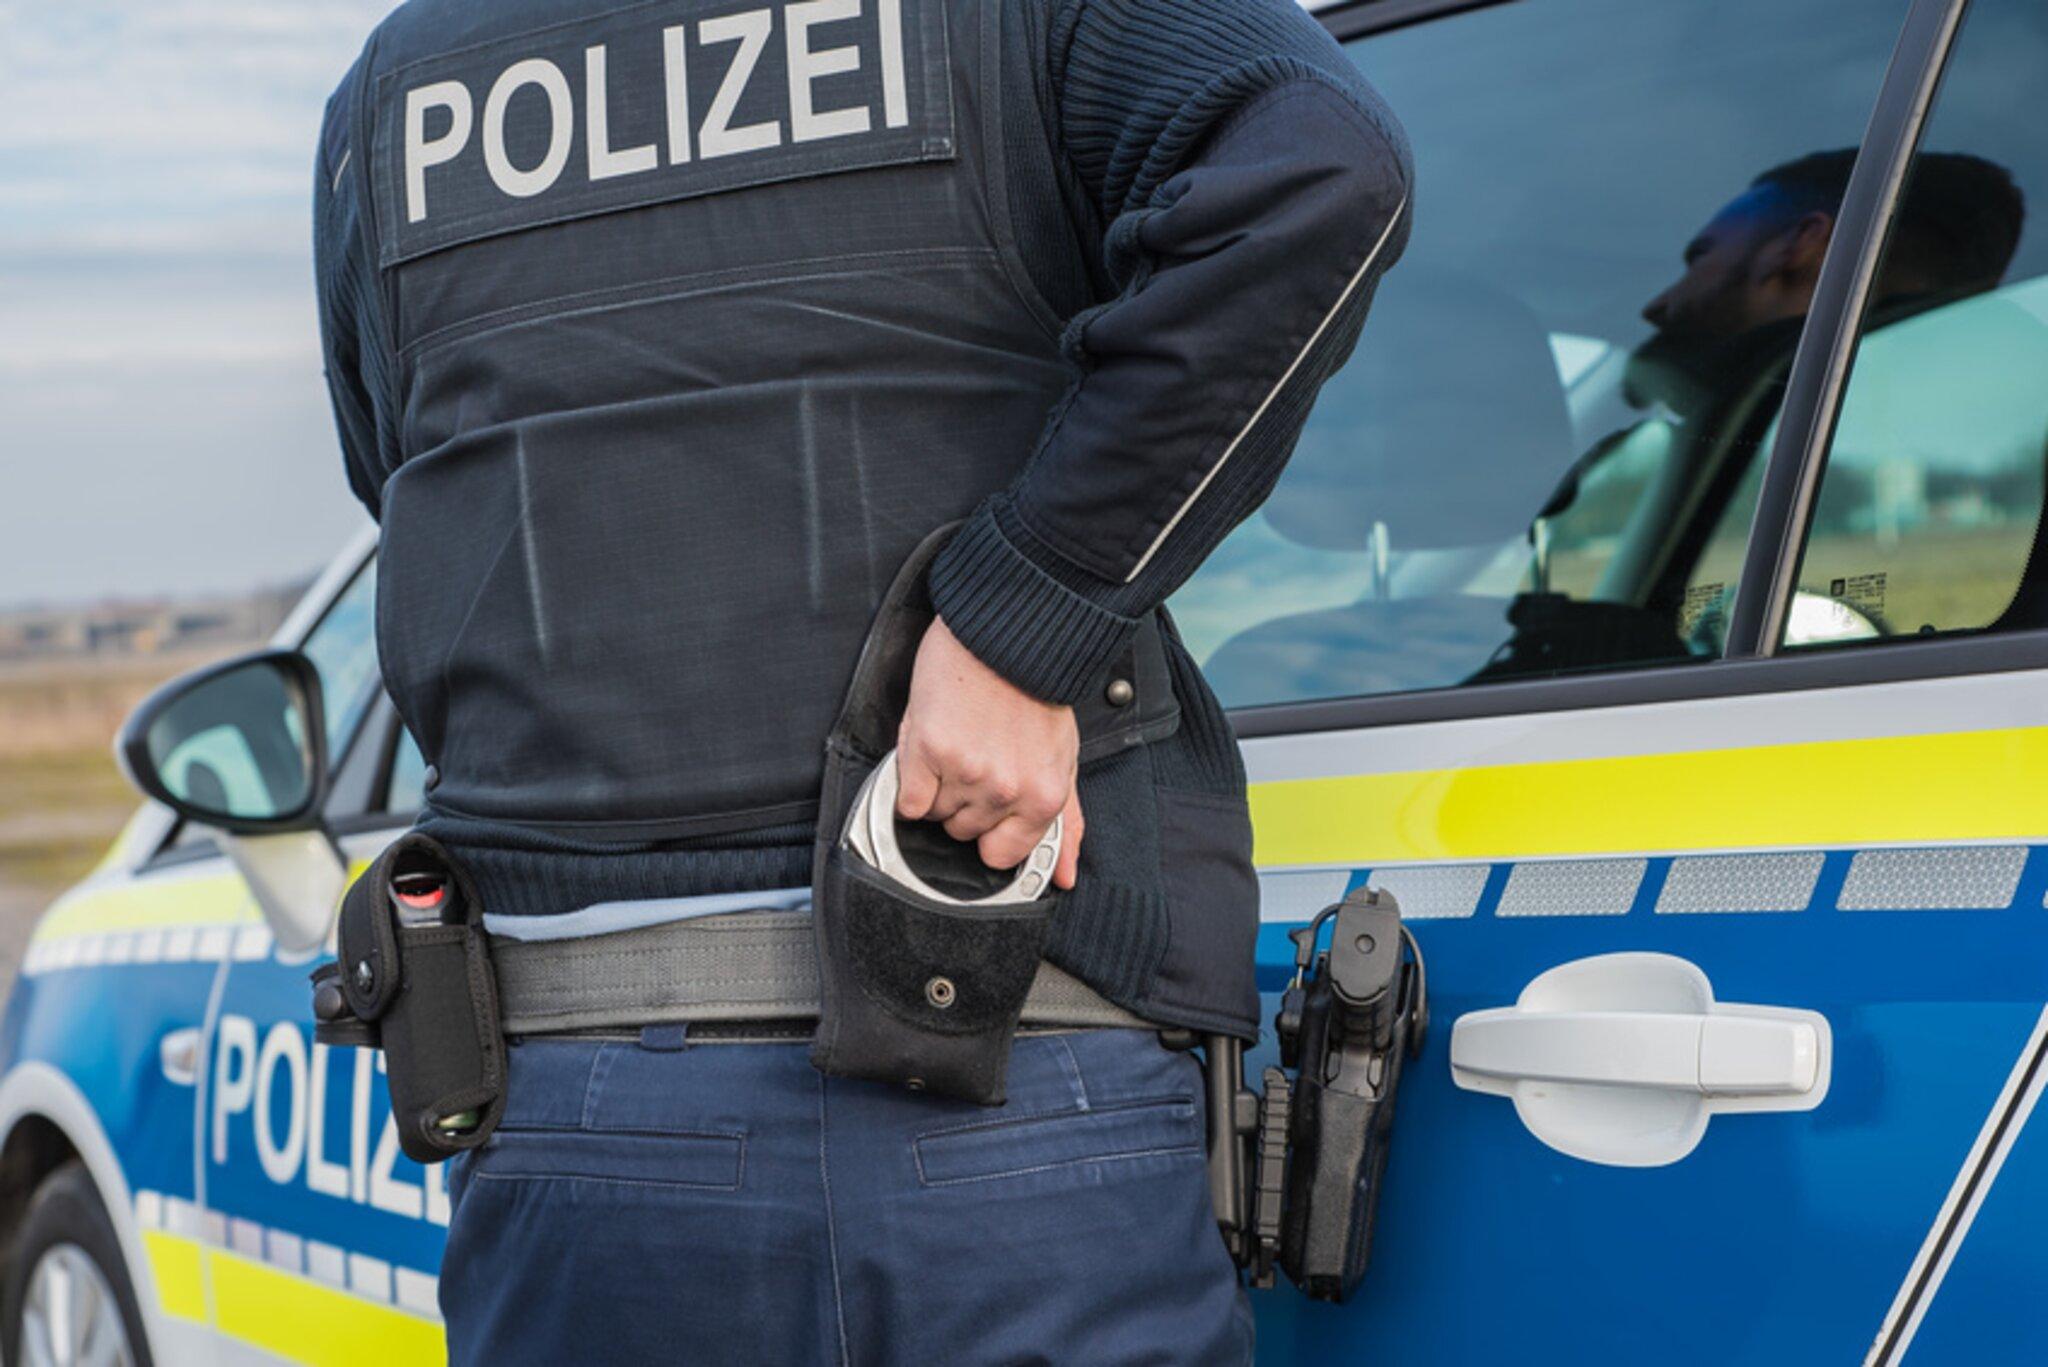 Raum-Obernburg-Drogenrausch-Roller-ohne-Versicherungsschutz-Unfallflucht-Kleintraktor-ohne-Zulassung